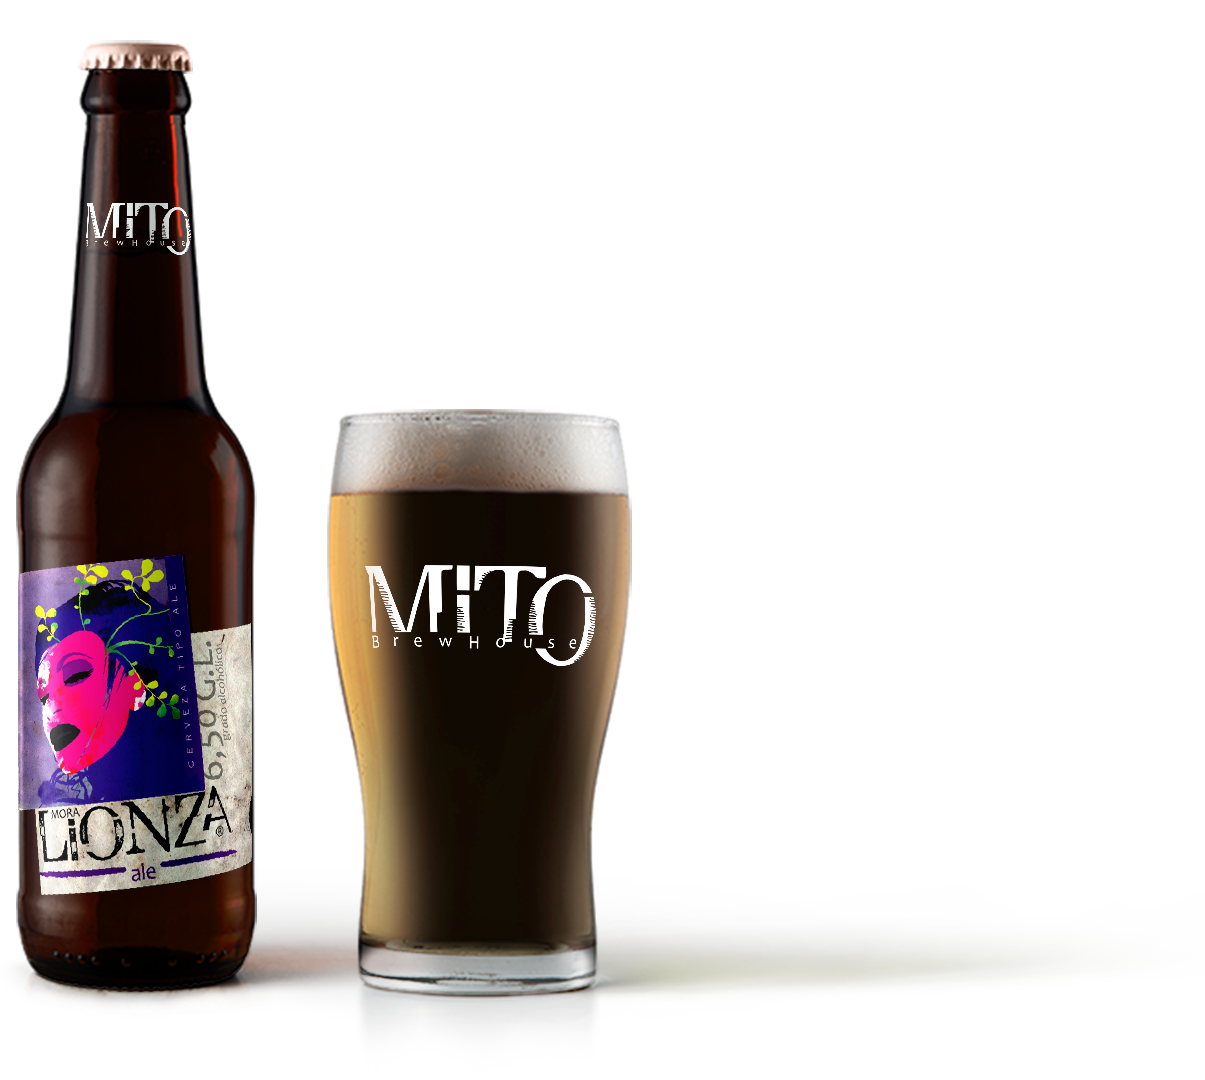 MORALIONZA Ale - Mito Brew House